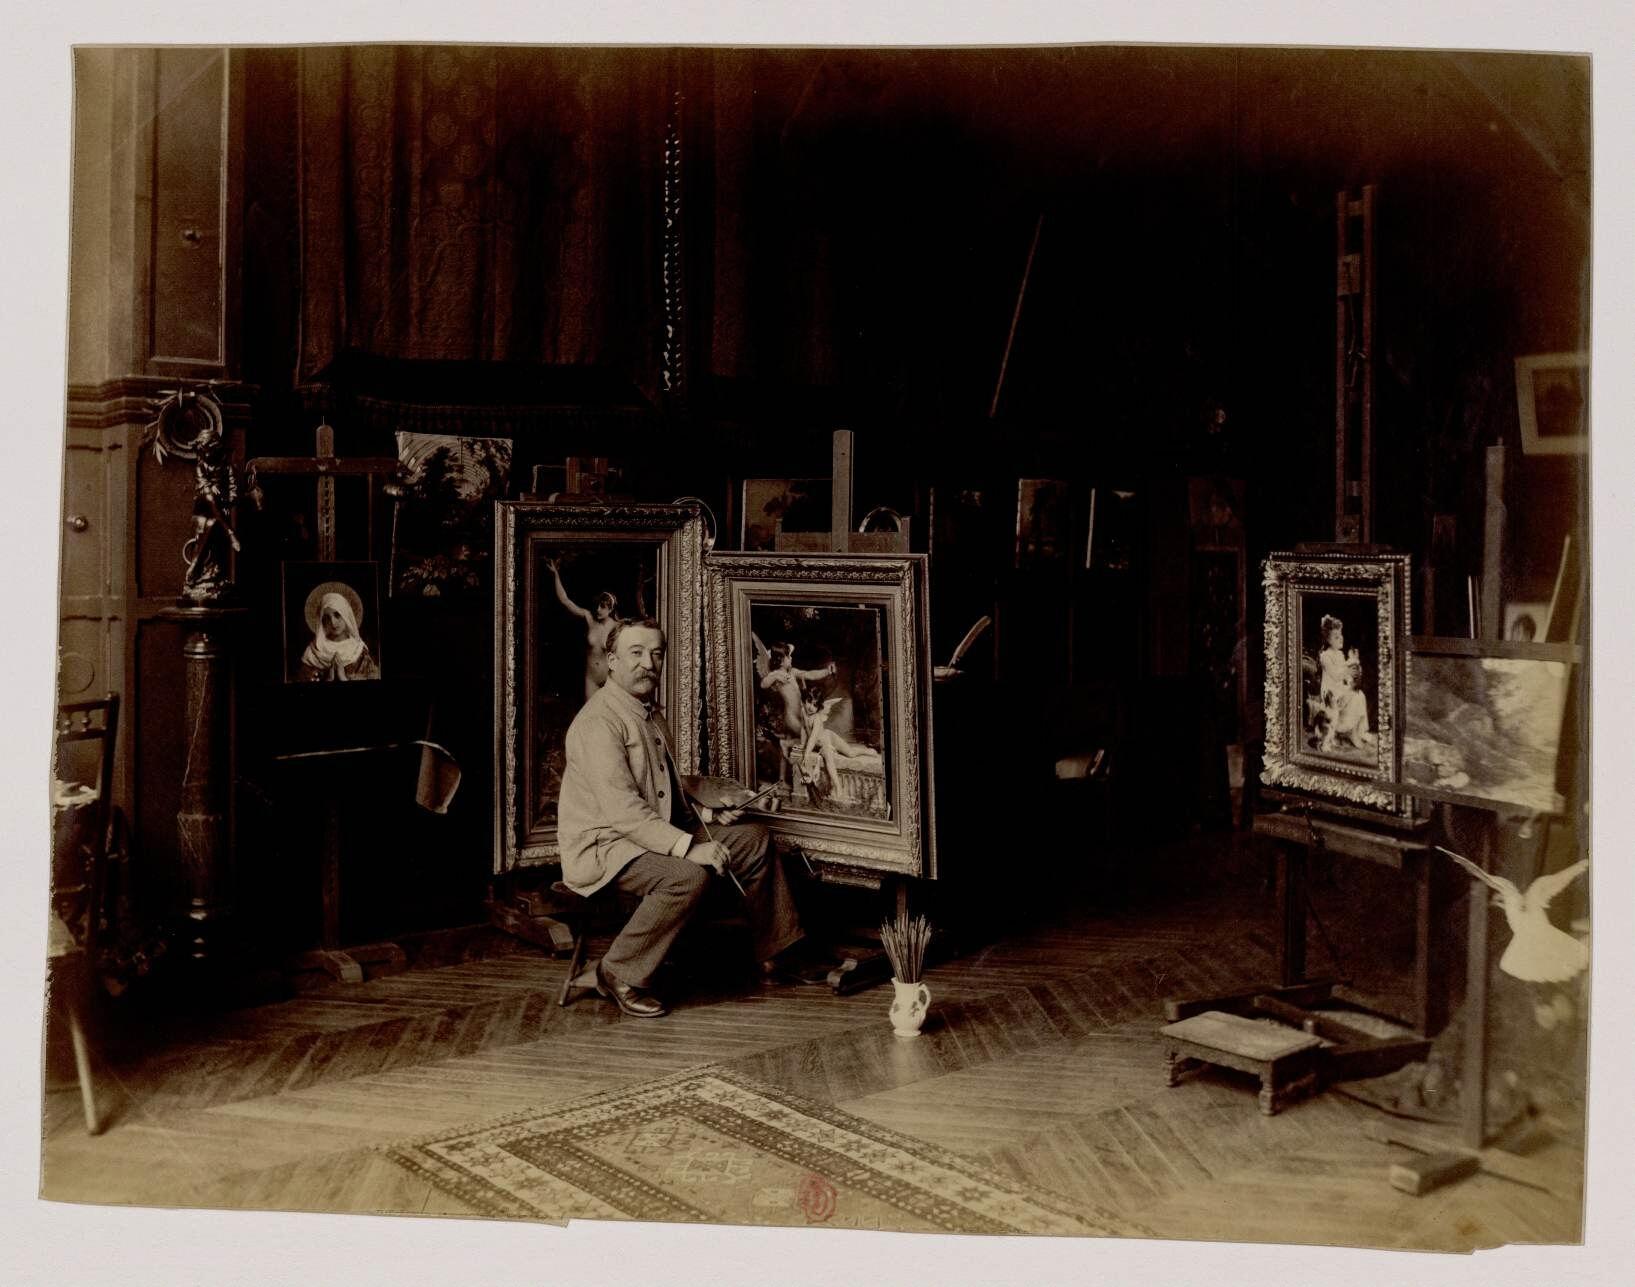 21. Эмиль Мюнье (1810-1895) — французский художник-академист, ученик Вильяма-Адольфа Бугро